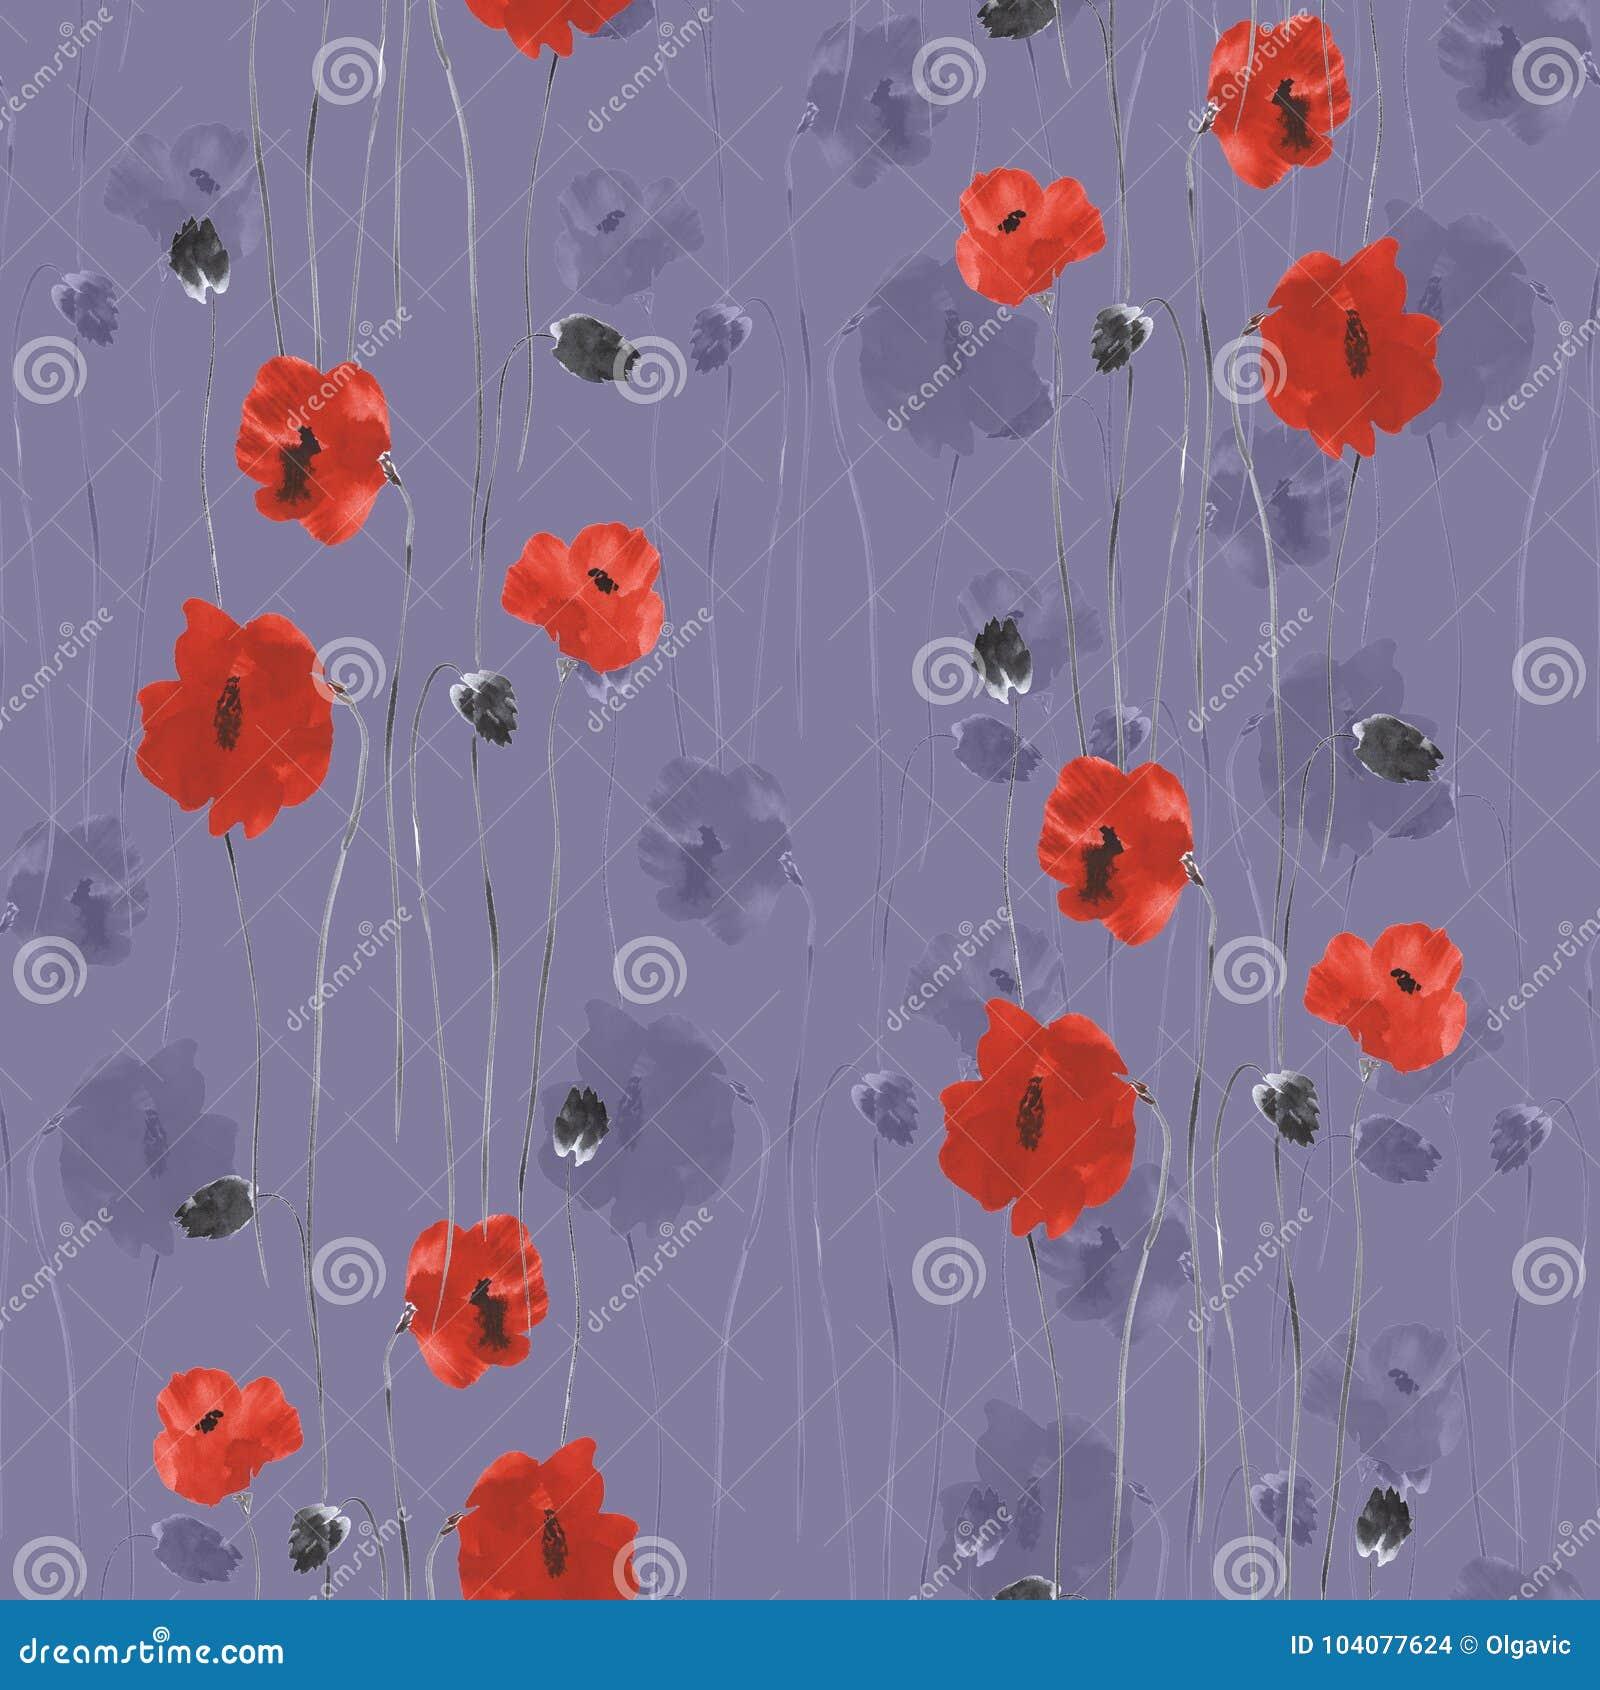 Modello senza cuciture dei fiori rossi dei papaveri su un fondo violetto-scuro watercolor